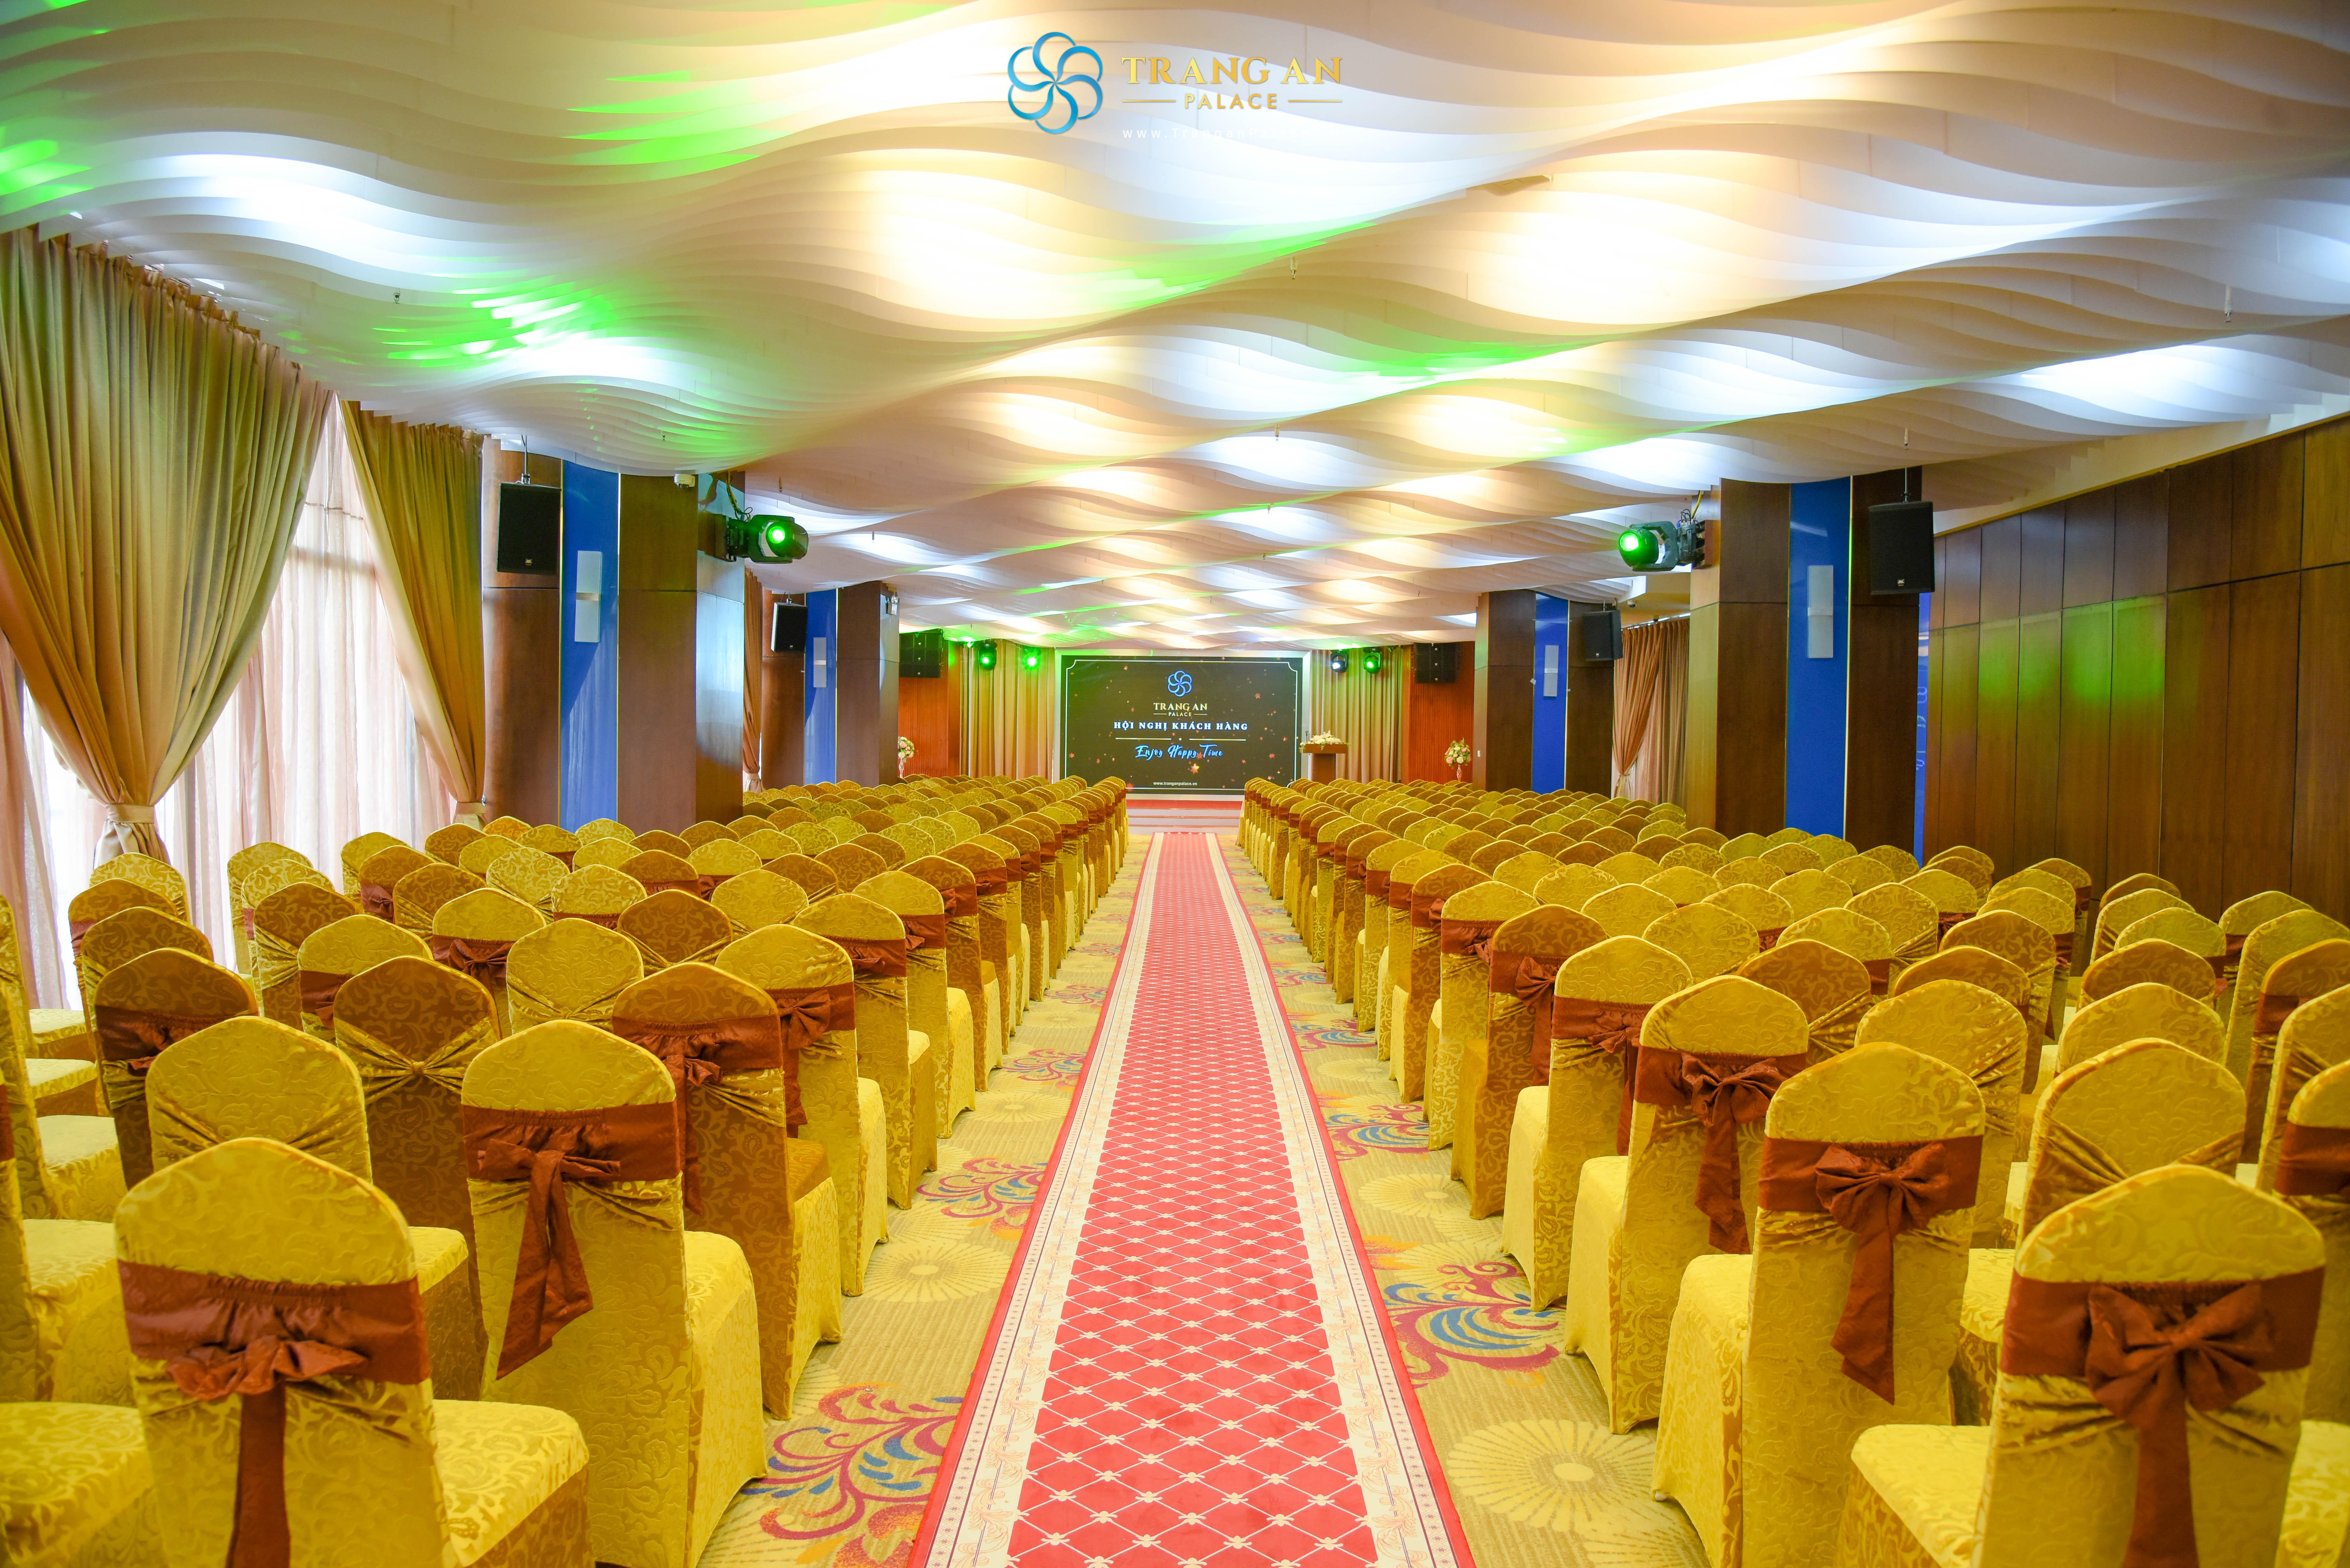 hội truòng tổ chức sự kiện